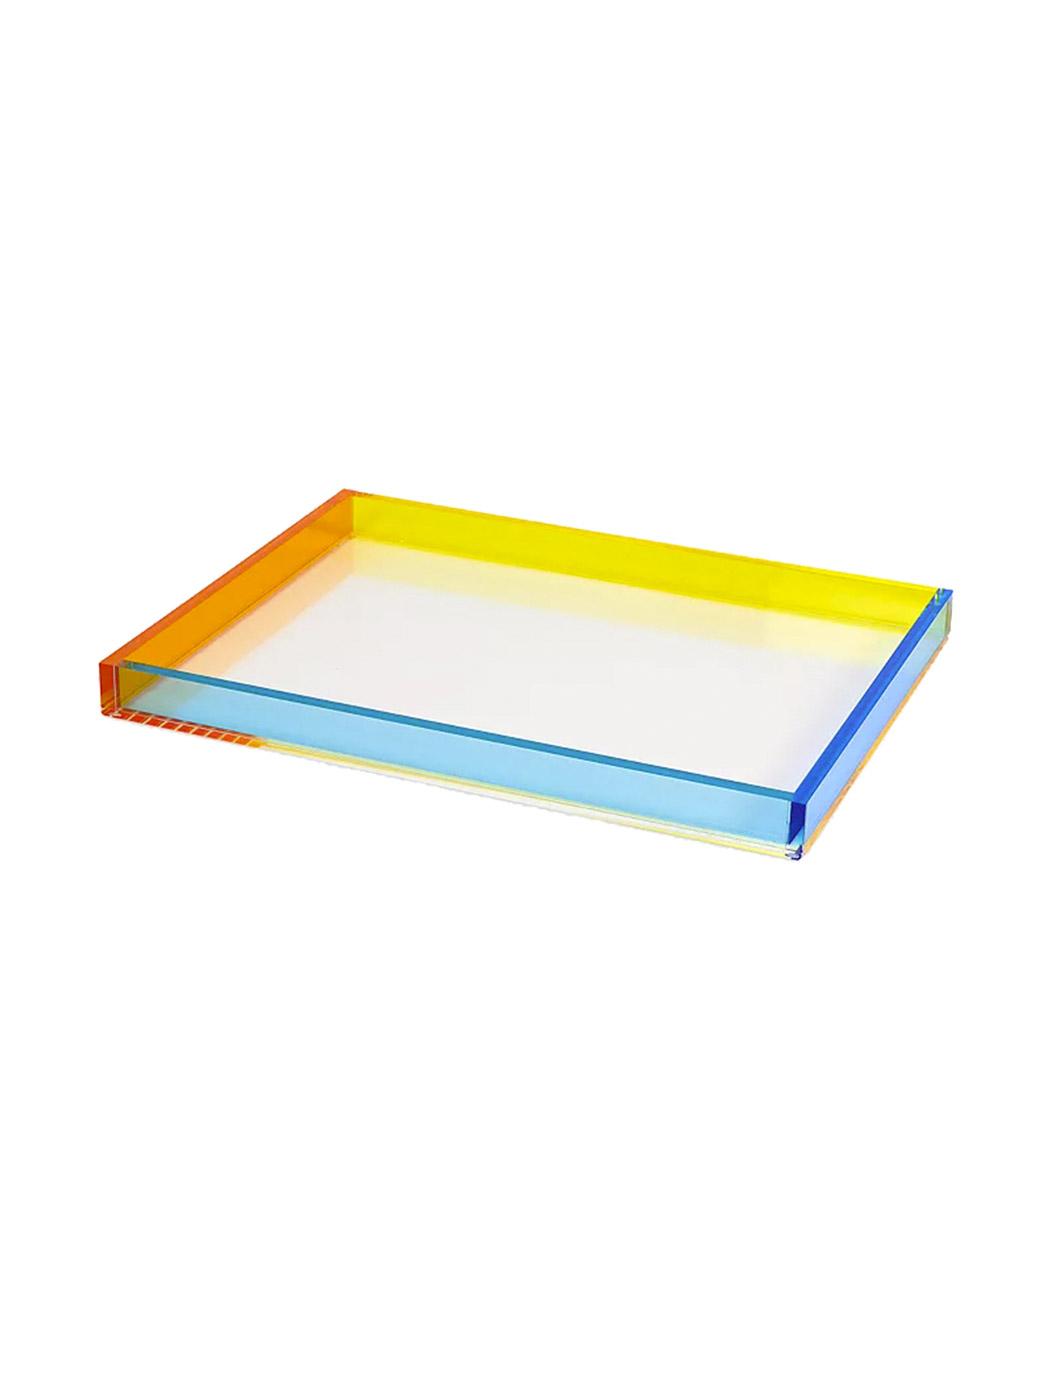 multicolor lucite serving tray no shadow